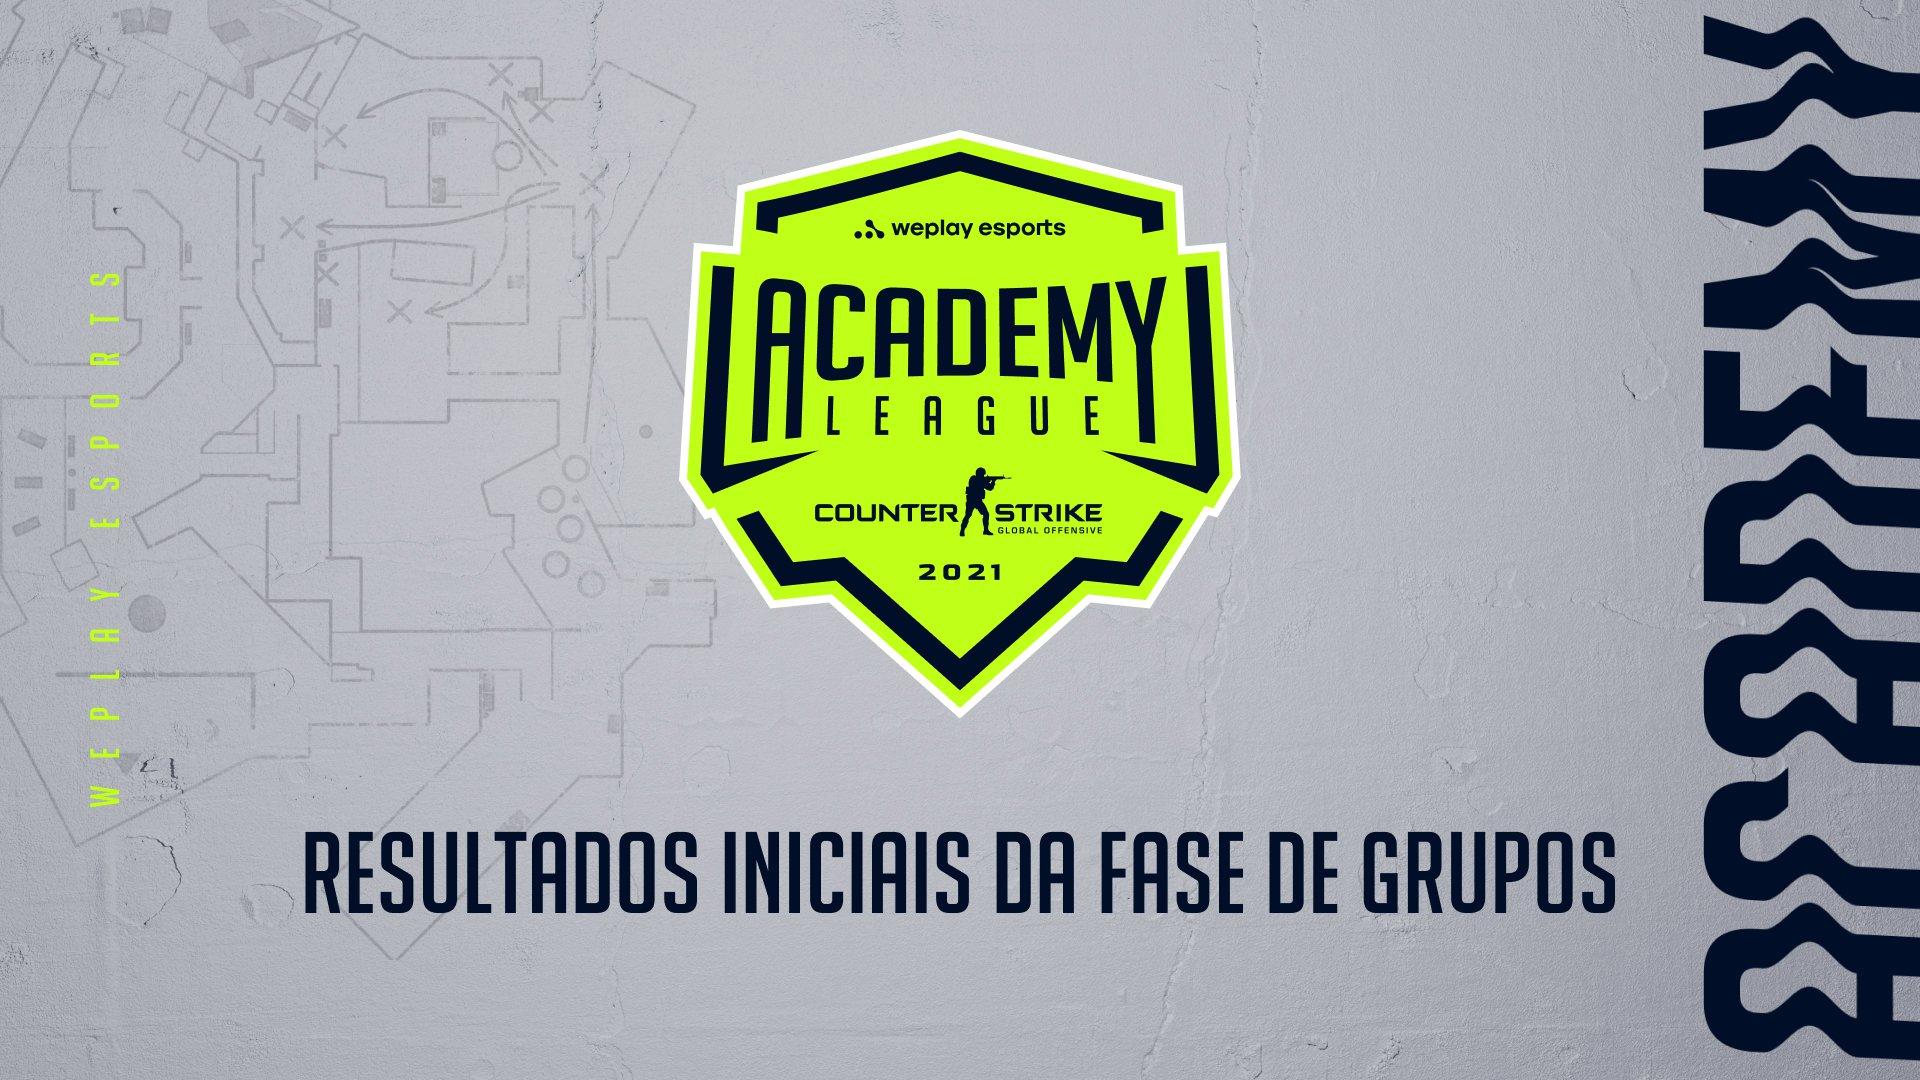 WePlay Academy League Season 2: resultados iniciais da fase de grupos. Imagem: WePlay Holding